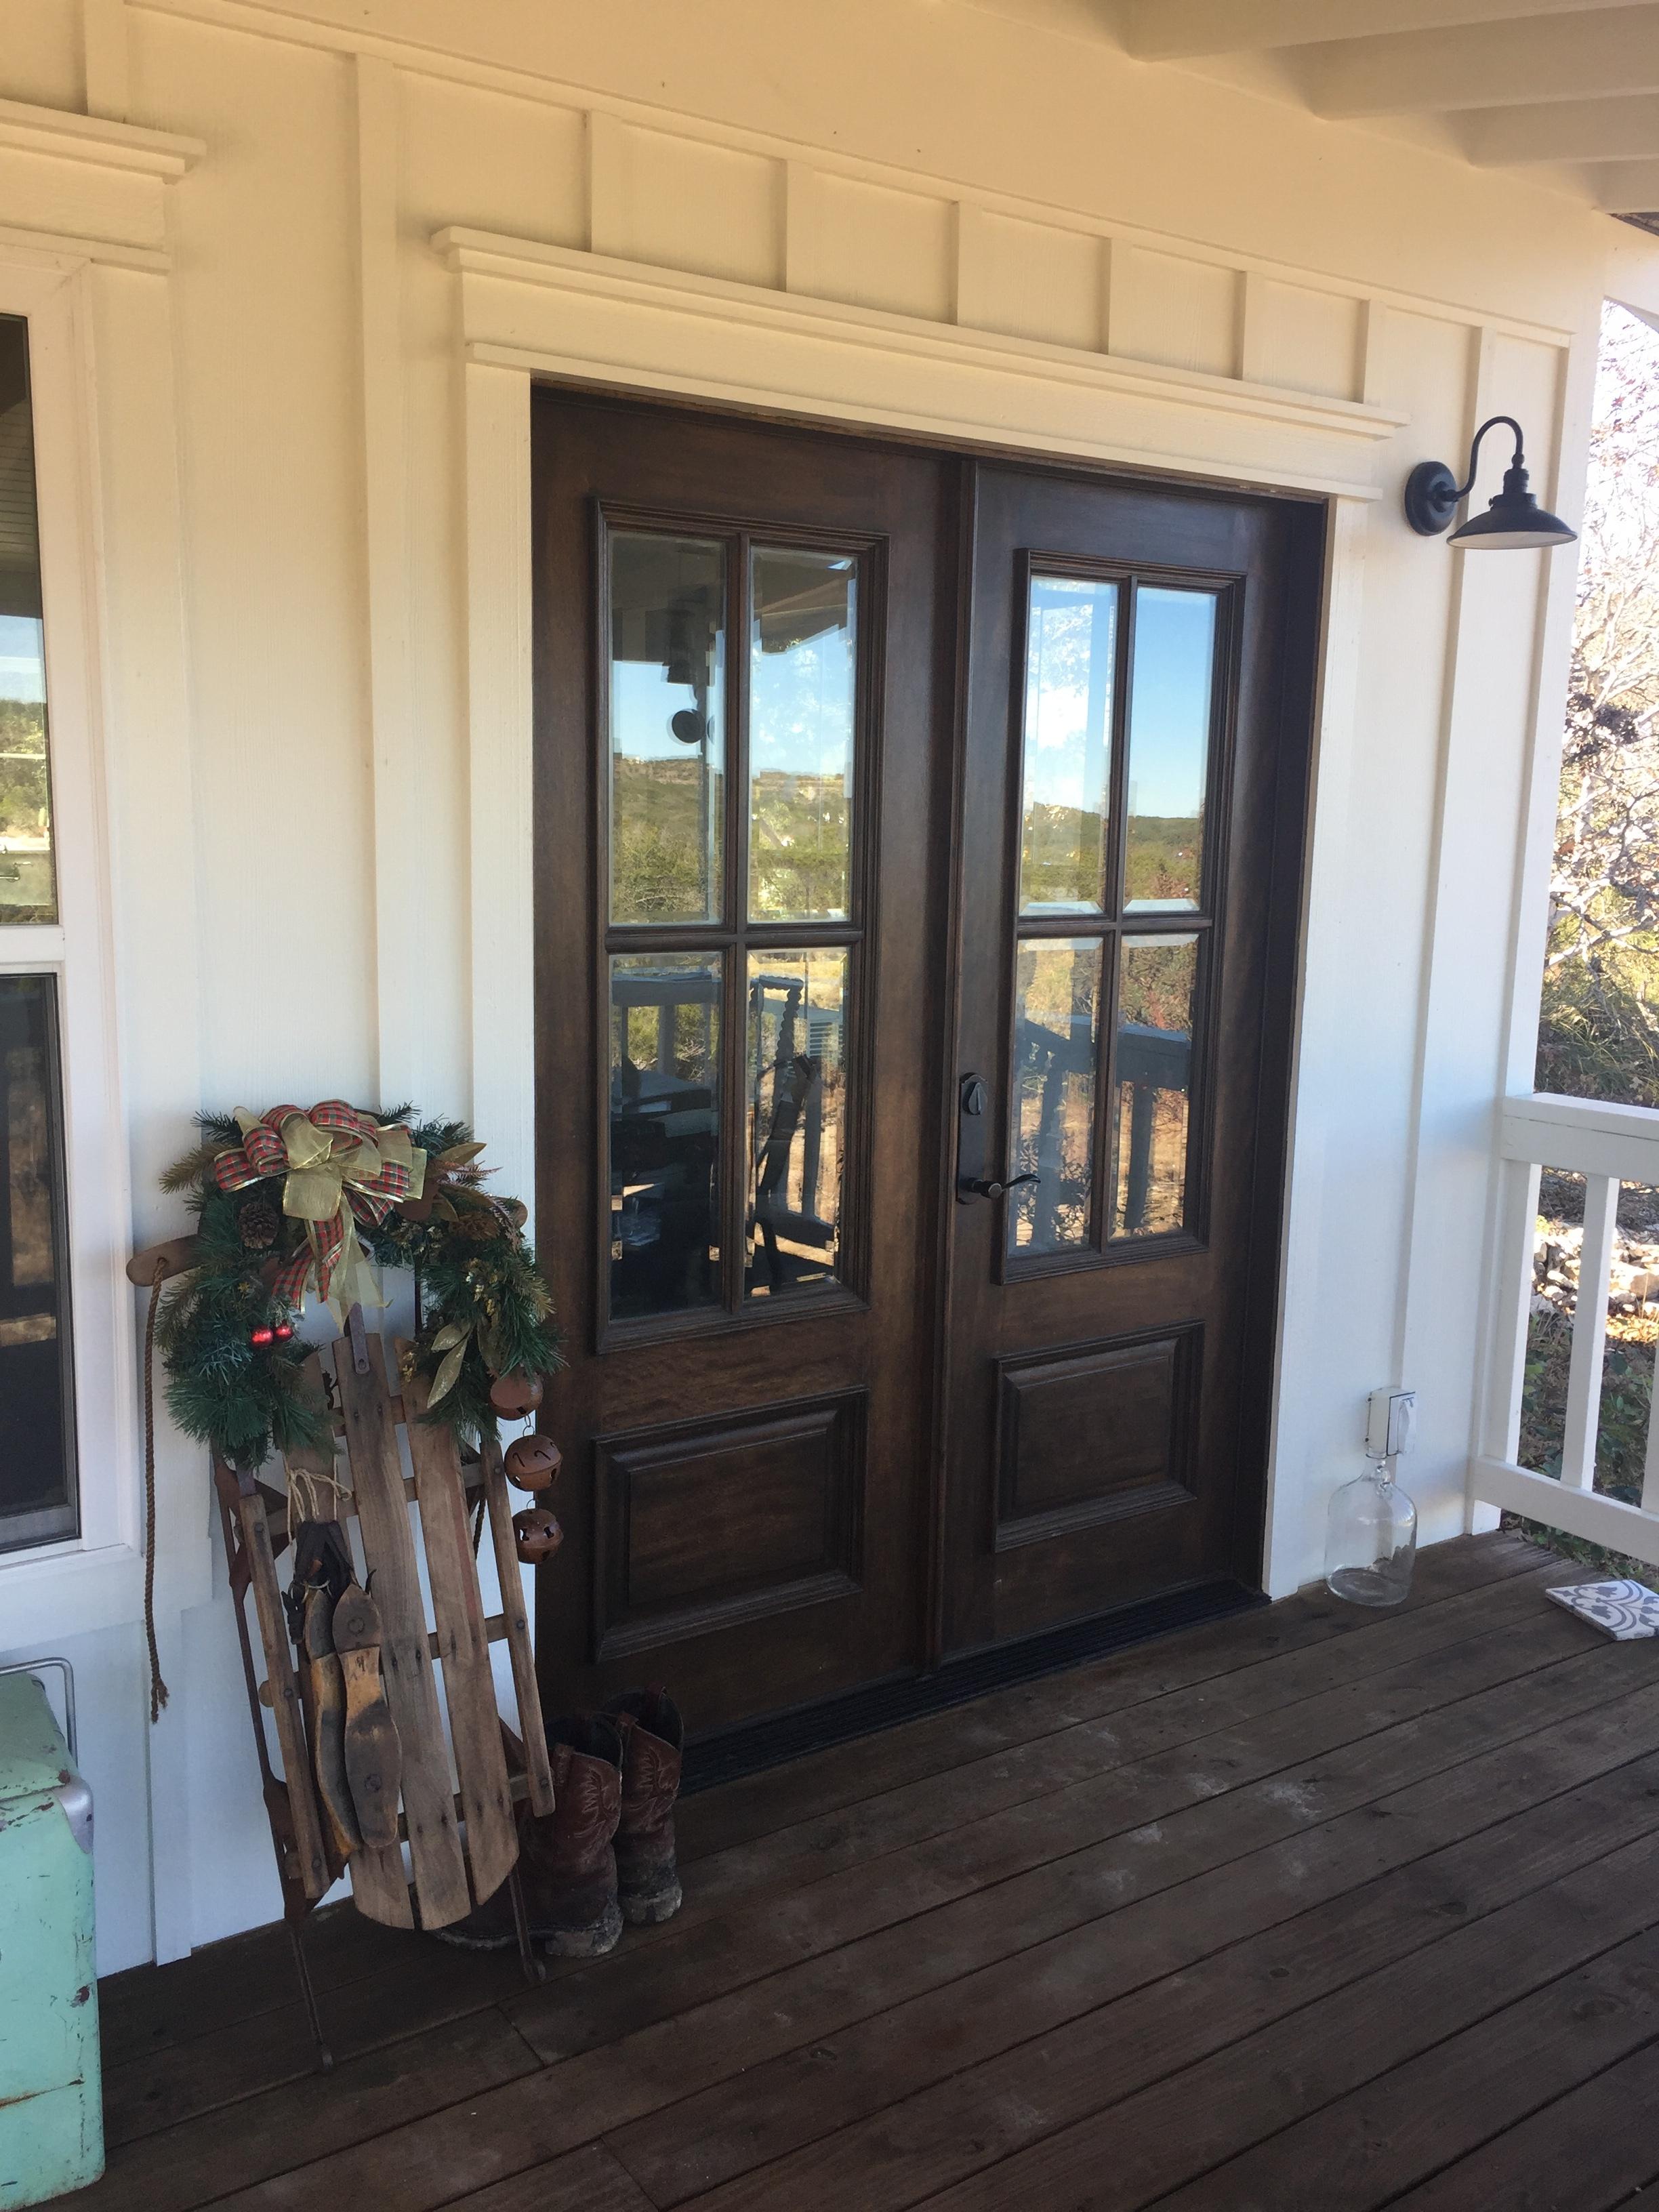 Double Doors onto the Deck